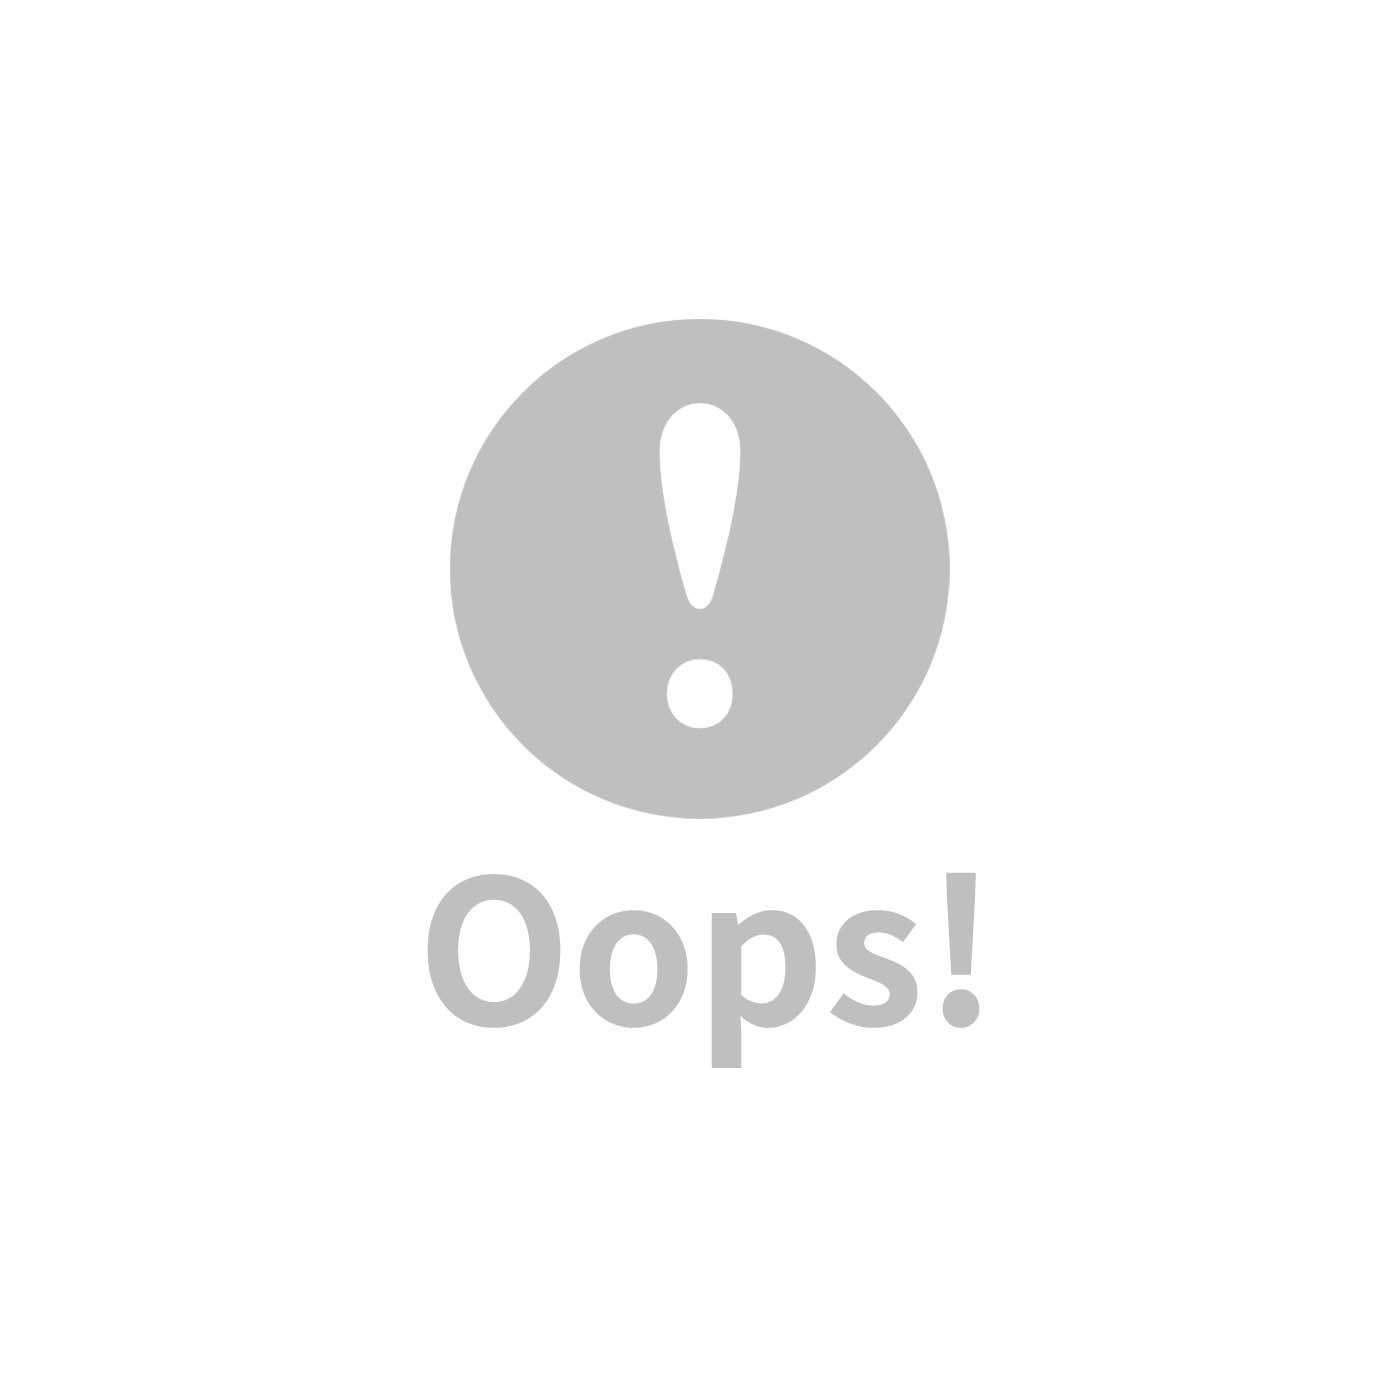 【預購商品,5/3起陸續出貨】La Millou 包巾-竹纖涼感巾(加大)_140x110cm-棕櫚可可樹